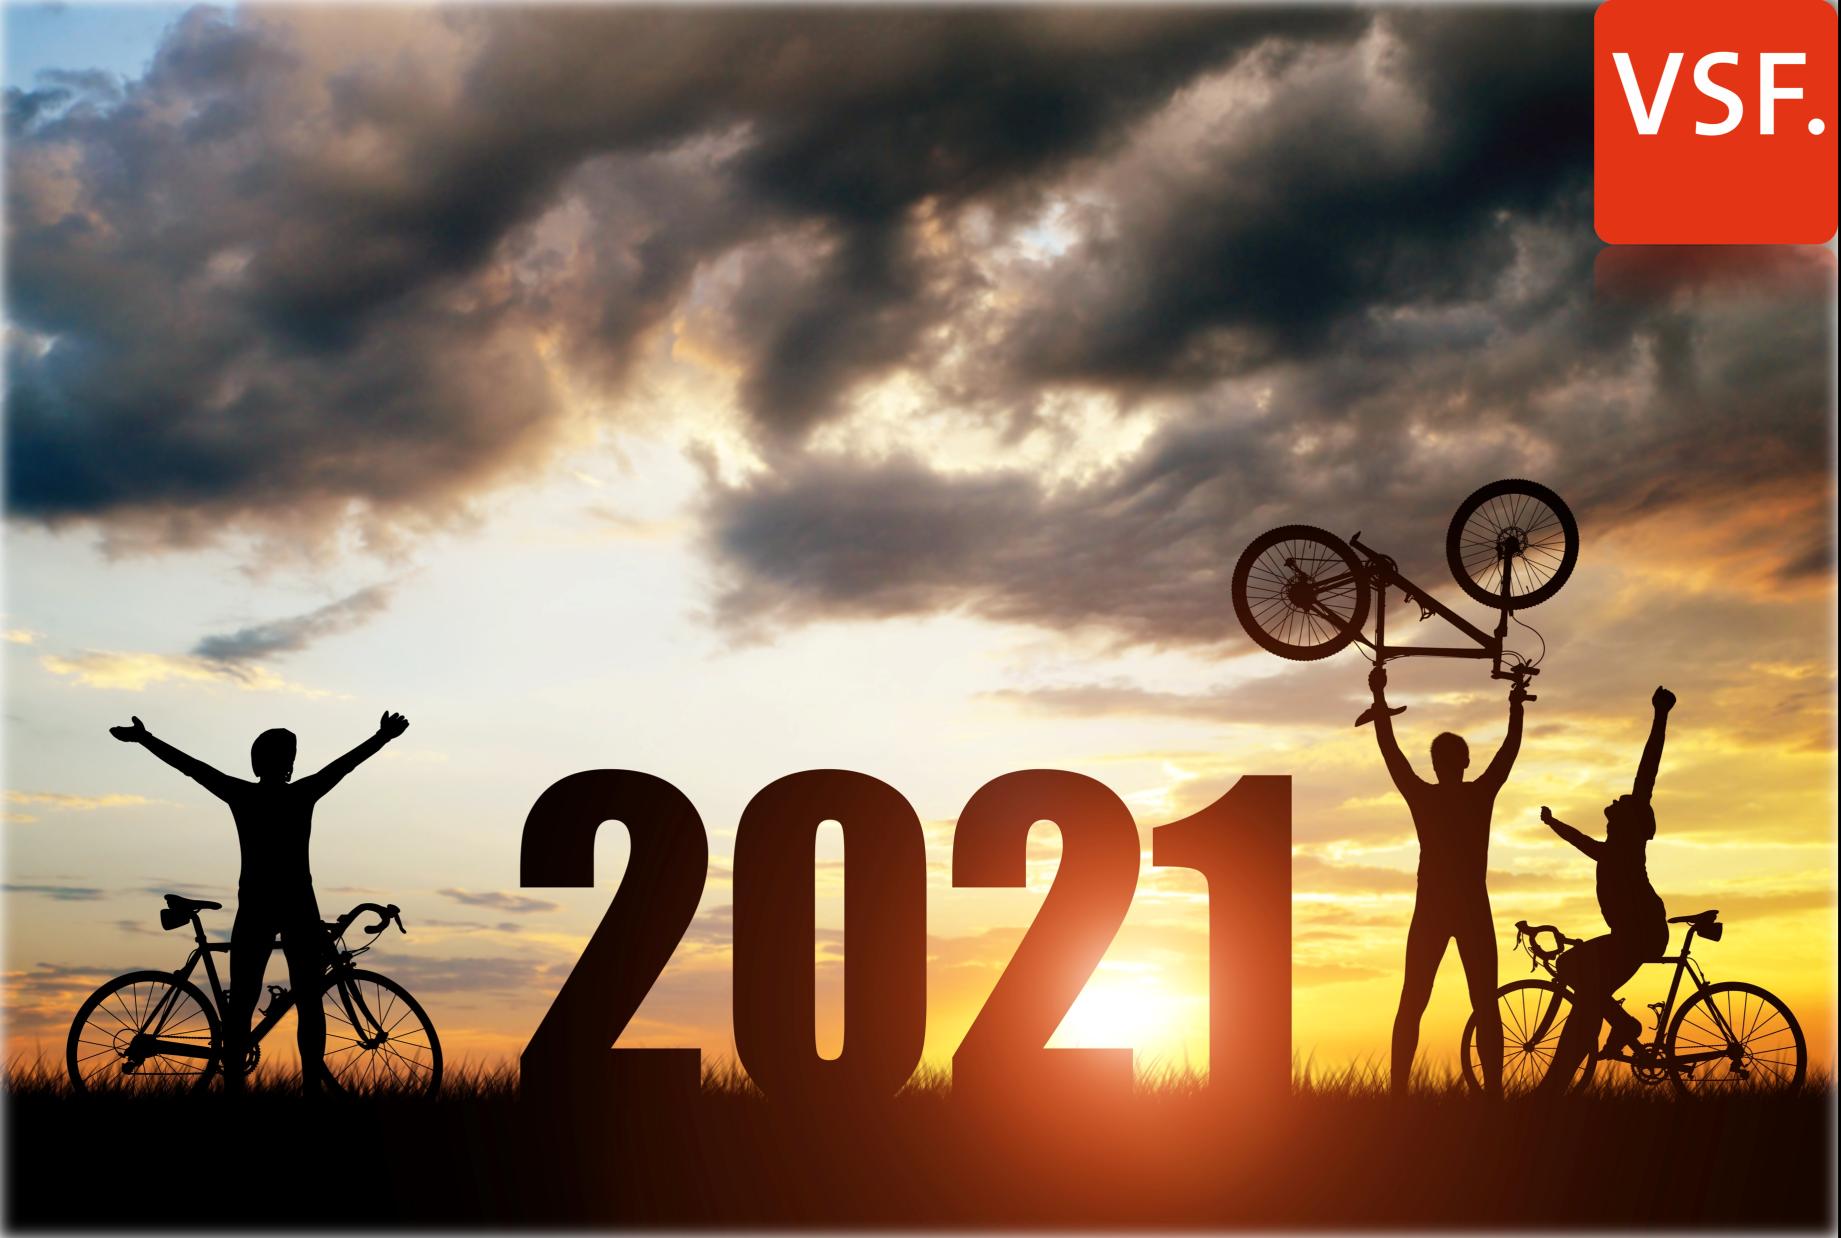 VSF verzeichnet 2021 stärksten Mitgliederzuwachs seit Bestehen